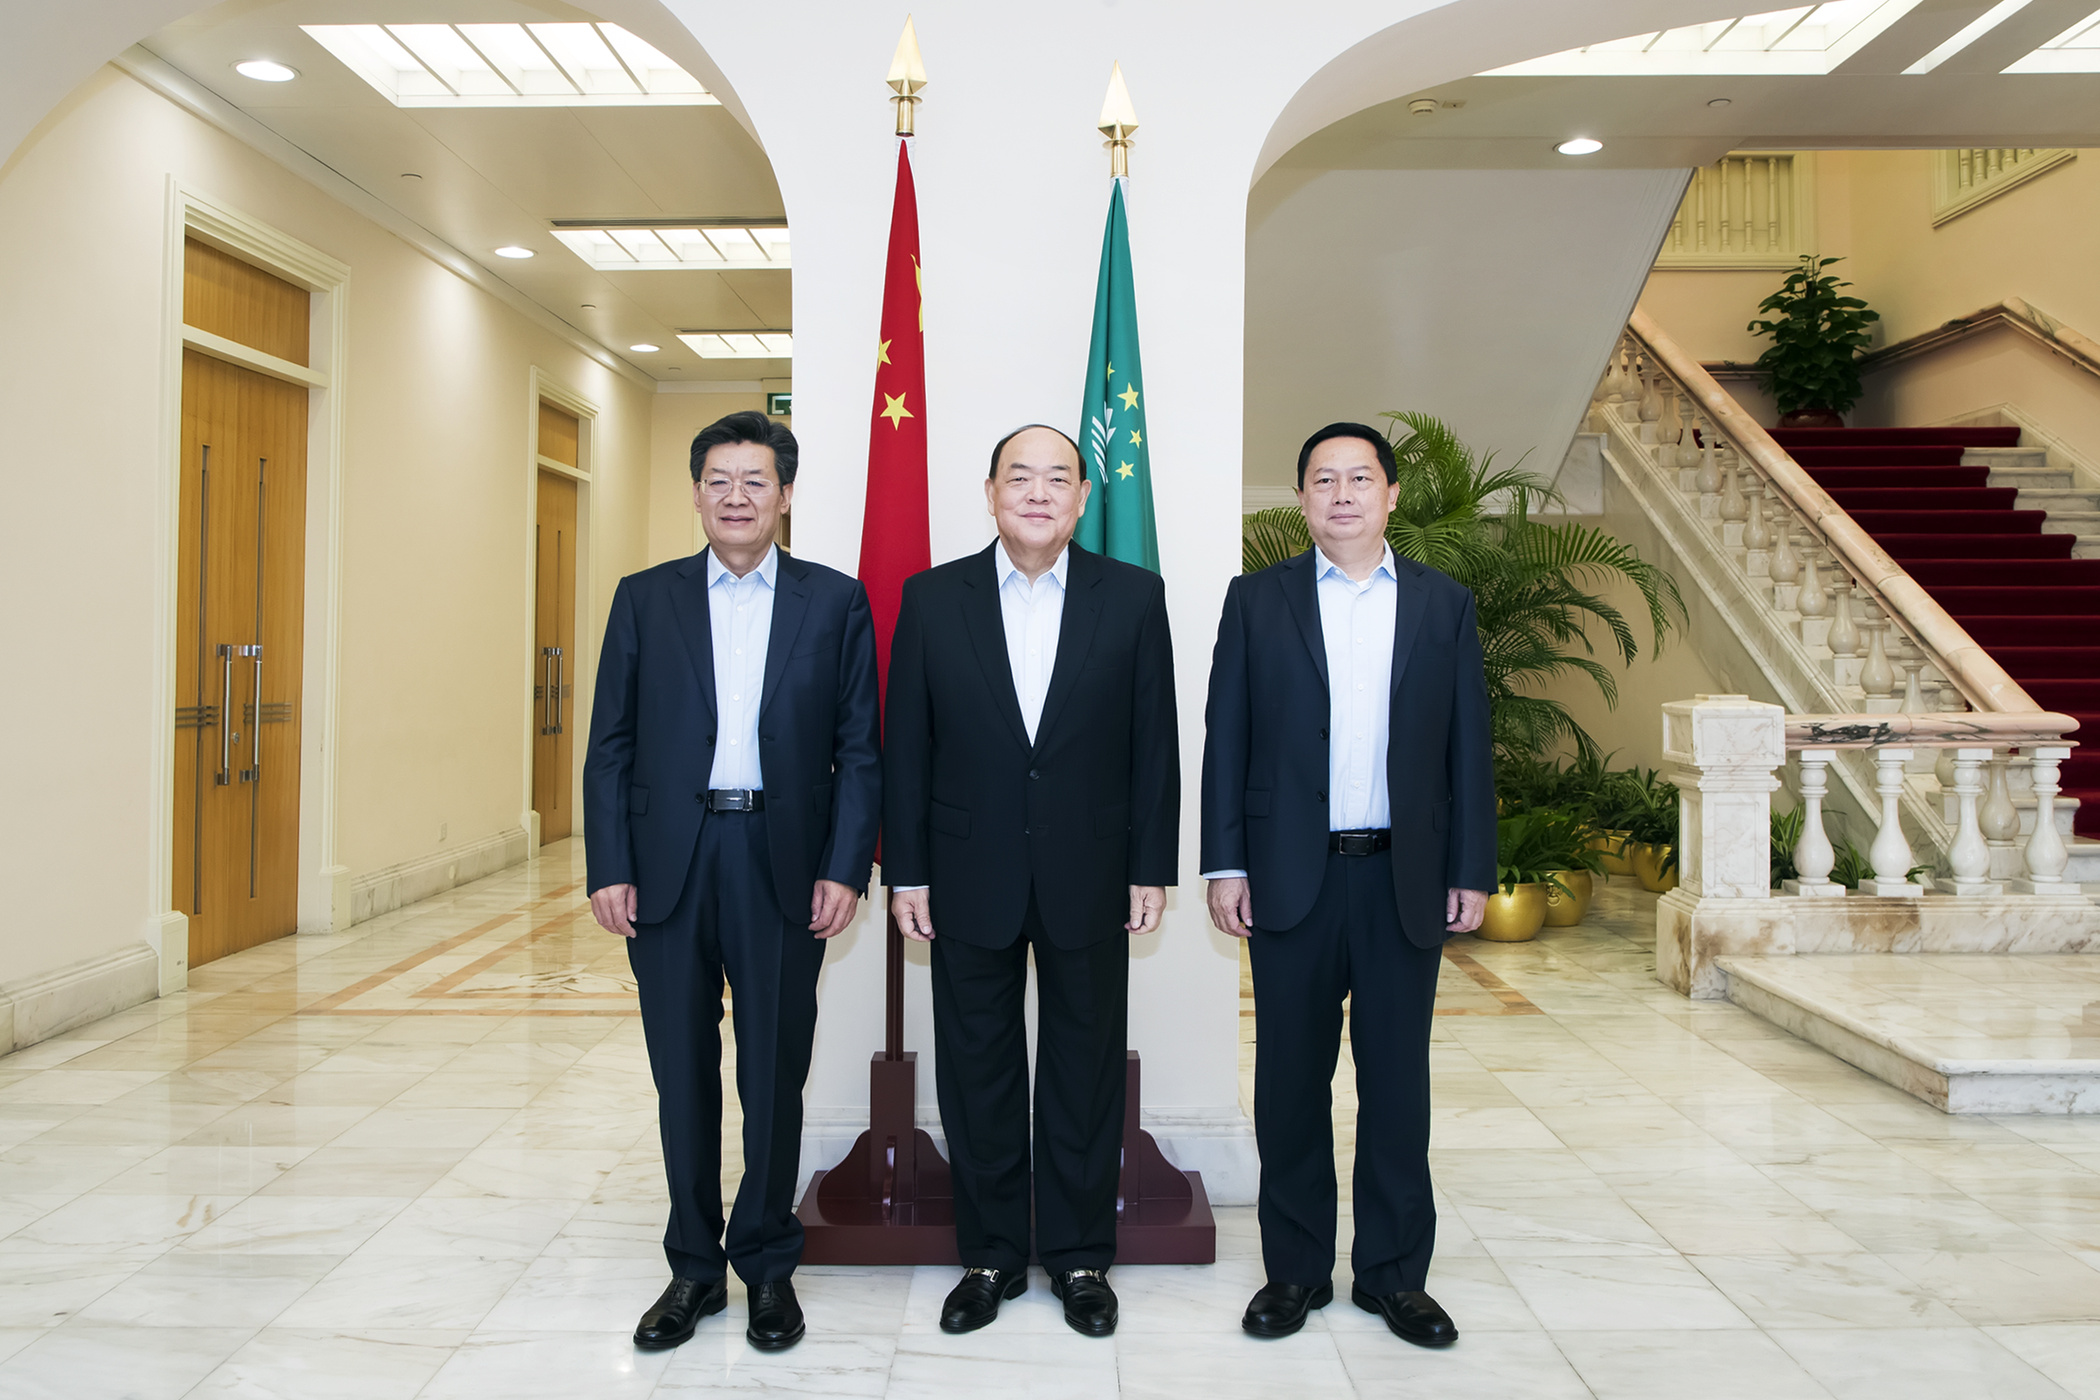 Zhuhai | Ho Iat Seng participa em reunião sobre epidemia, Hengqin e sector imobiliário